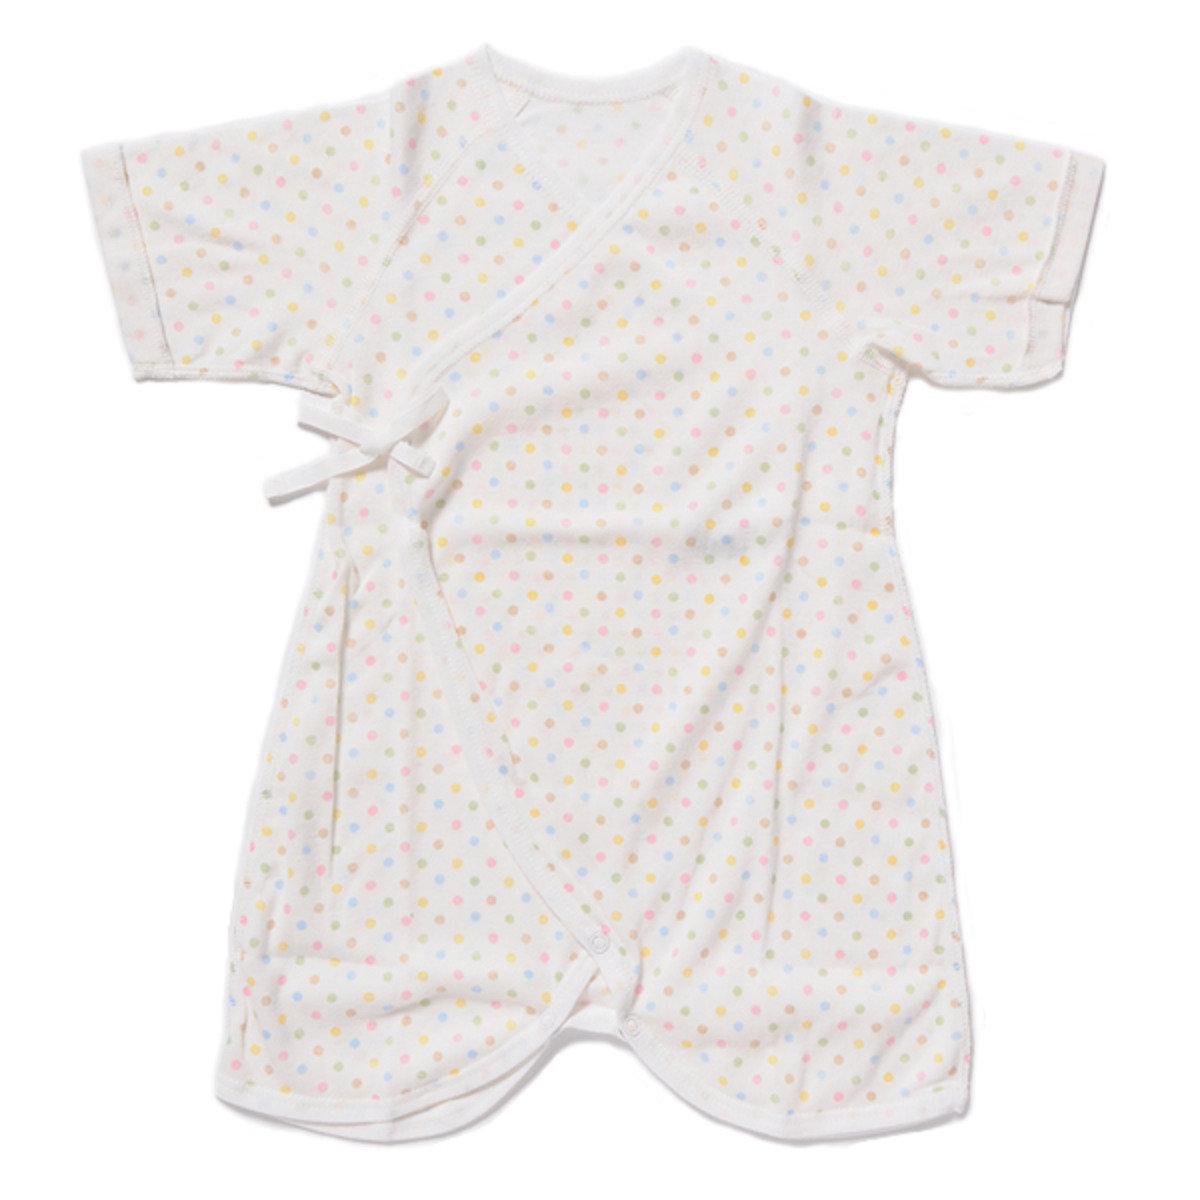 嬰兒短袖蝴蝶衣(波點款)